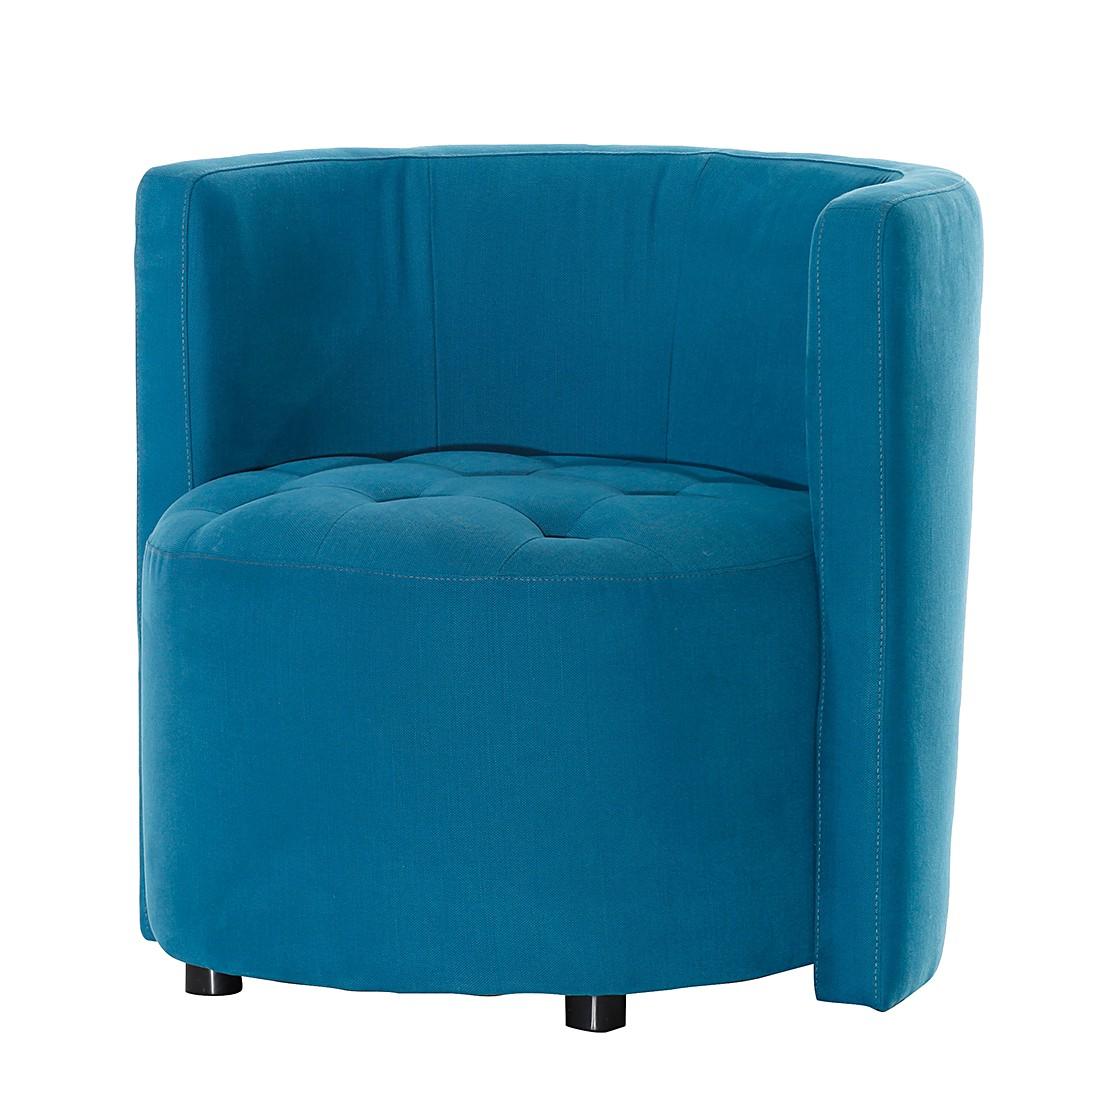 Fauteuil Mikka - Turquoise, loftscape